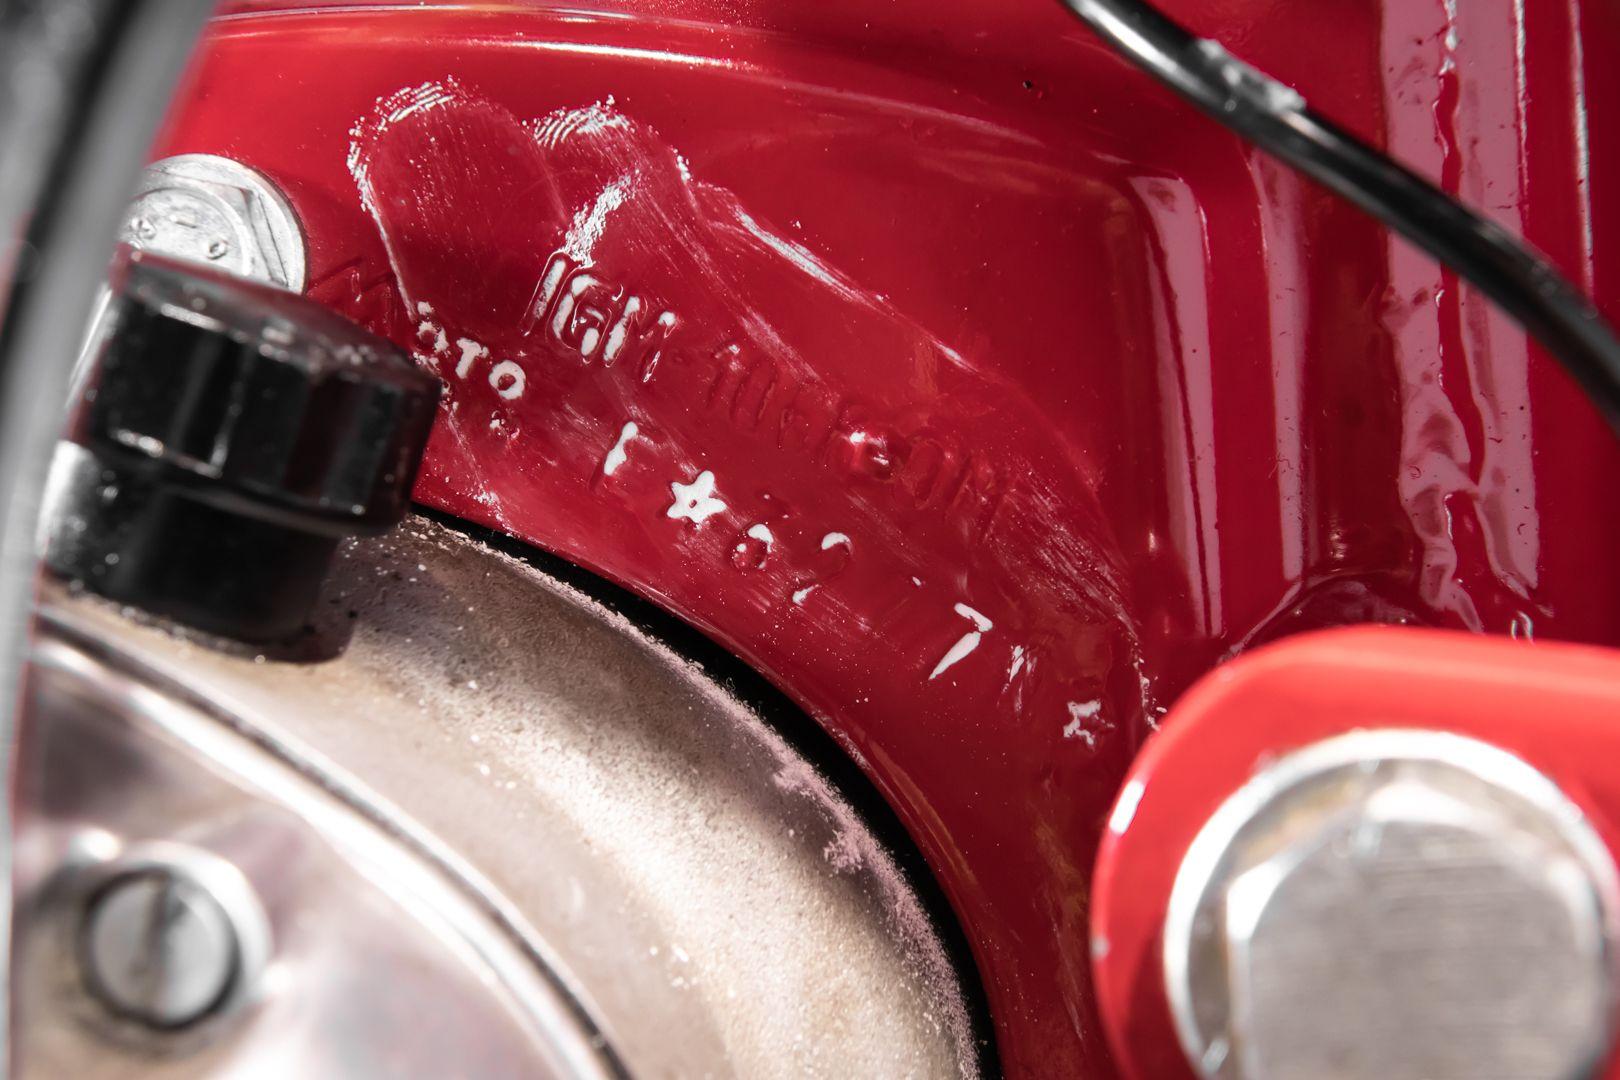 1966 Moto Morini Regolarità Griglione 125 77331